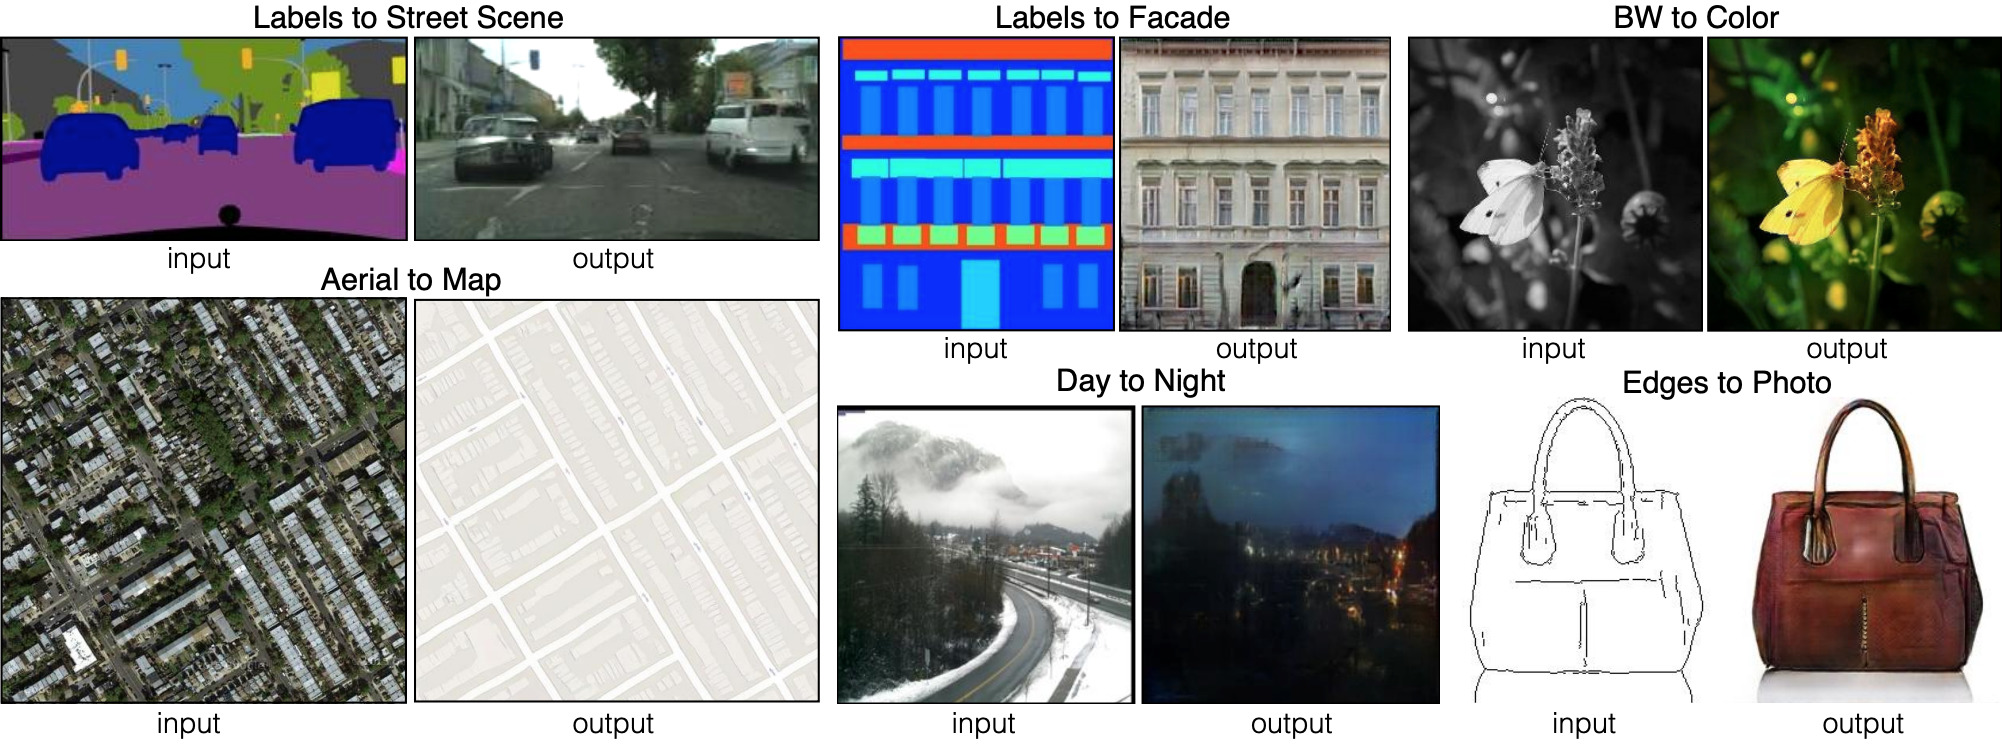 Фотографии из грубых набросков: как именно работает нейросеть NVIDIA GauGAN - 29